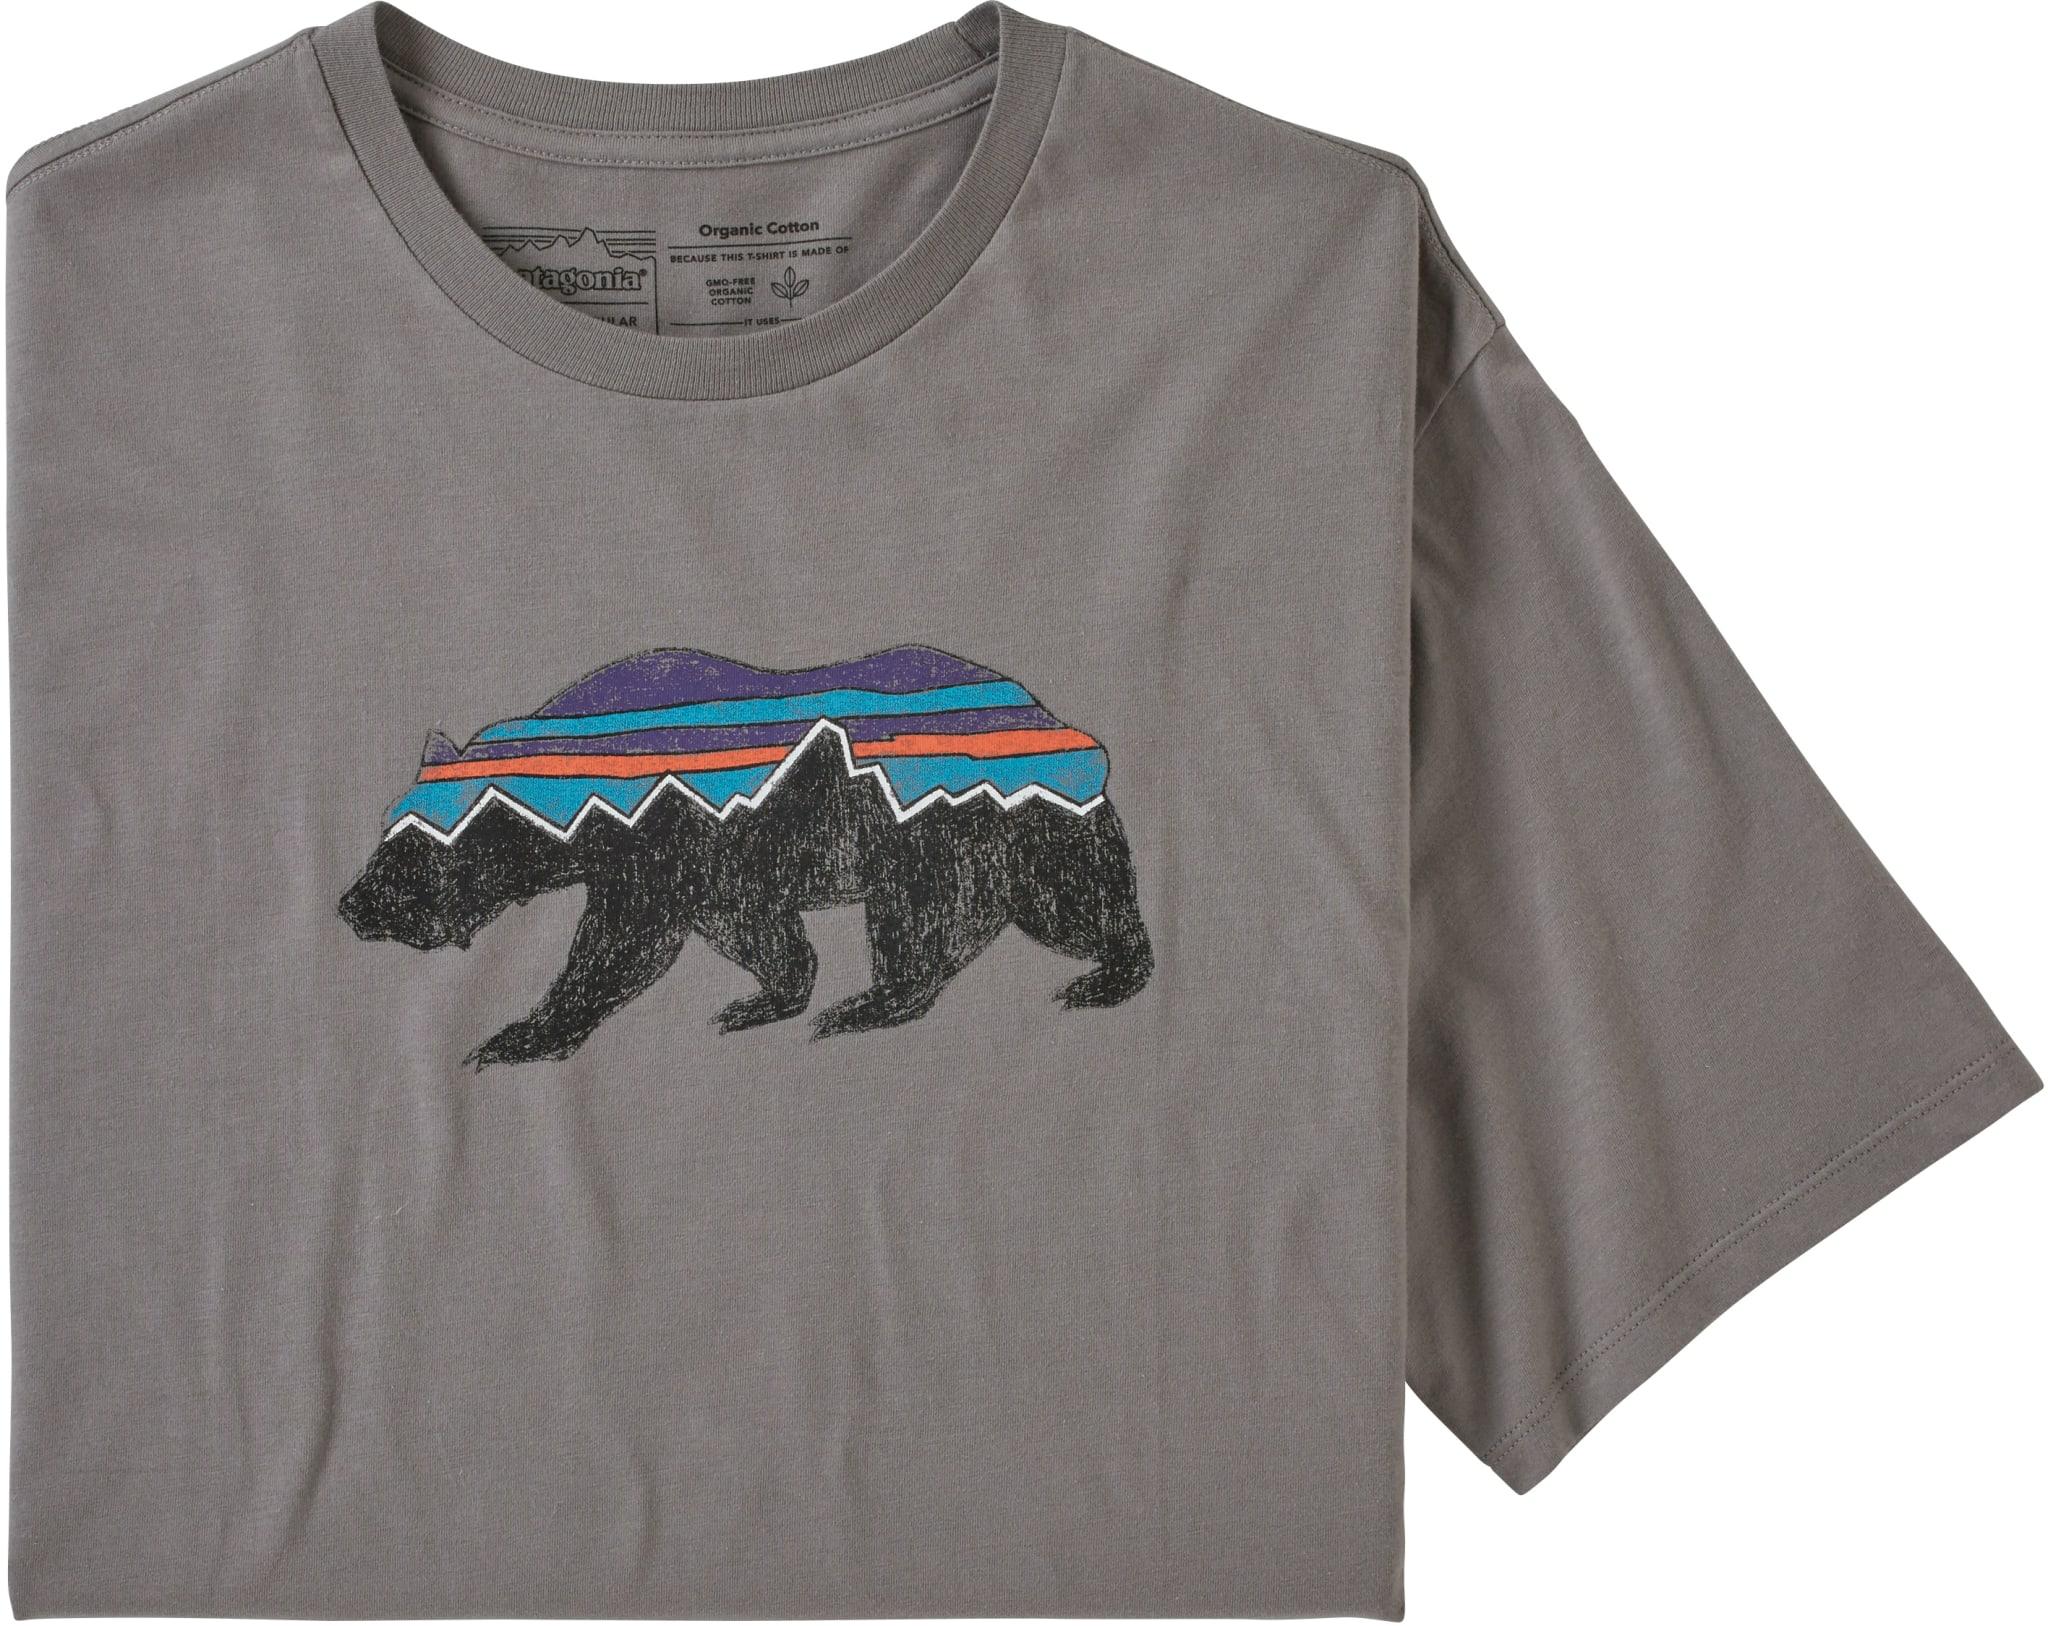 Klassisk t-skjorte i organisk bomull